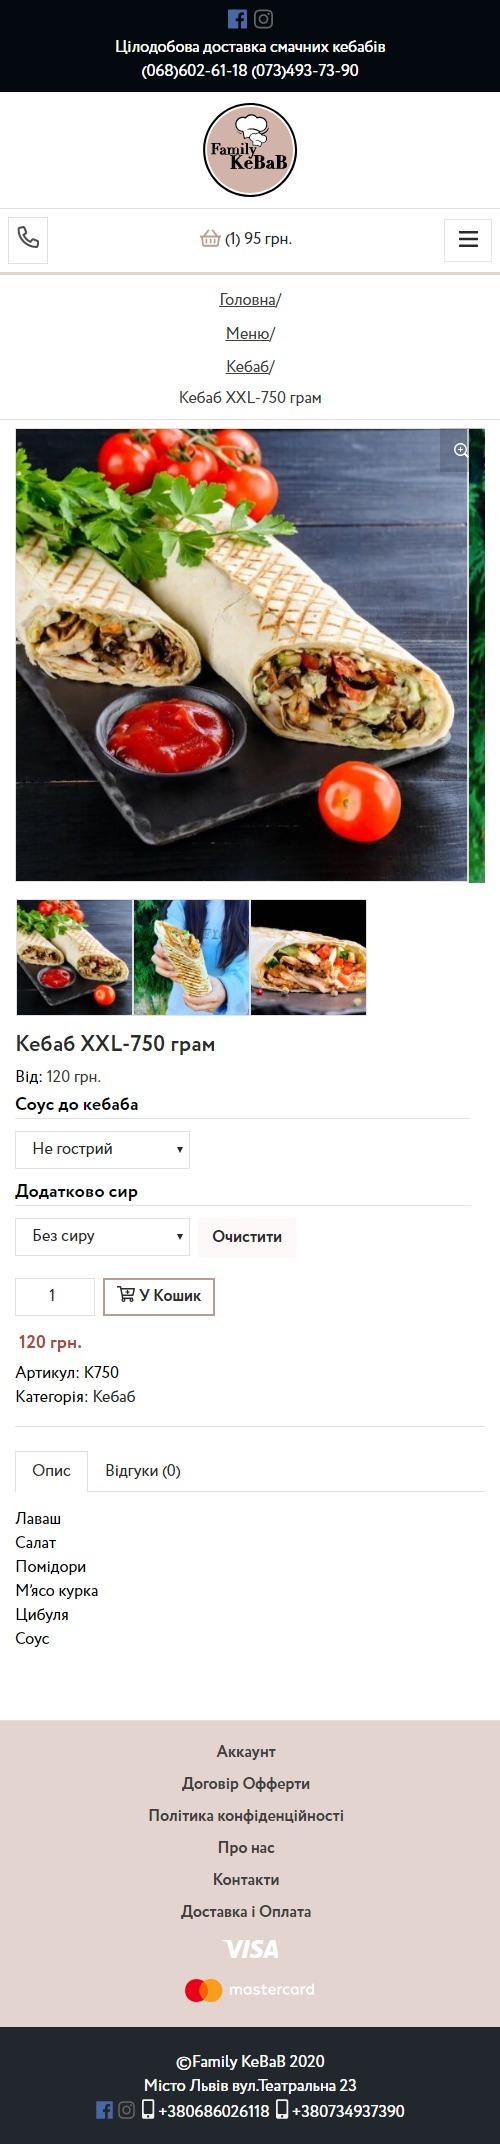 2020-familykebab-com-ua-10